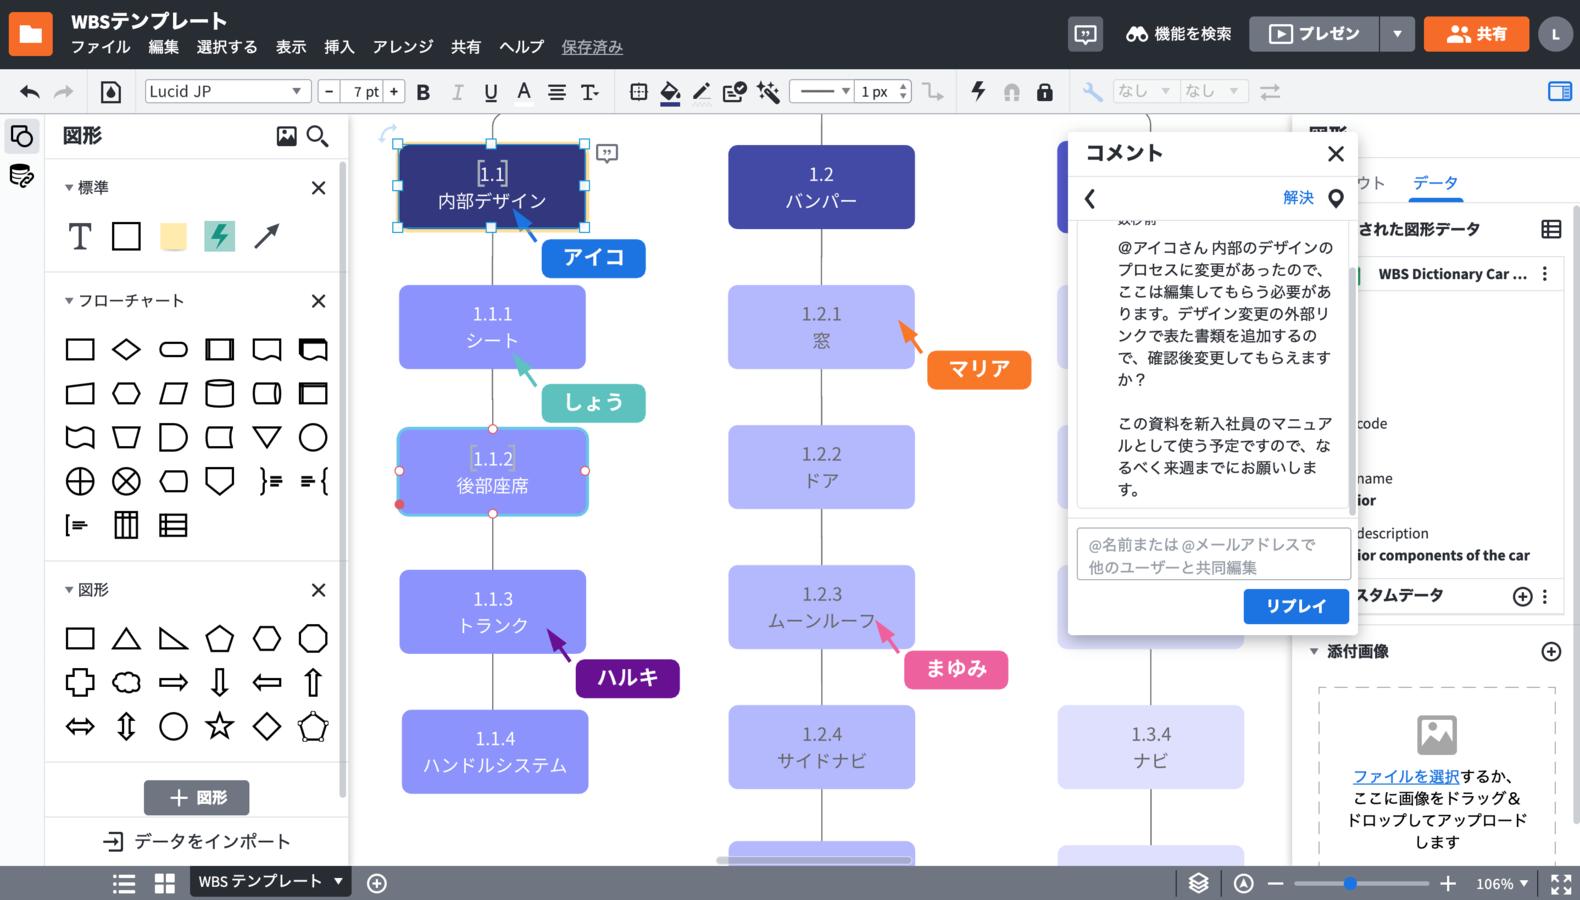 作業分解図ツール(WBS)